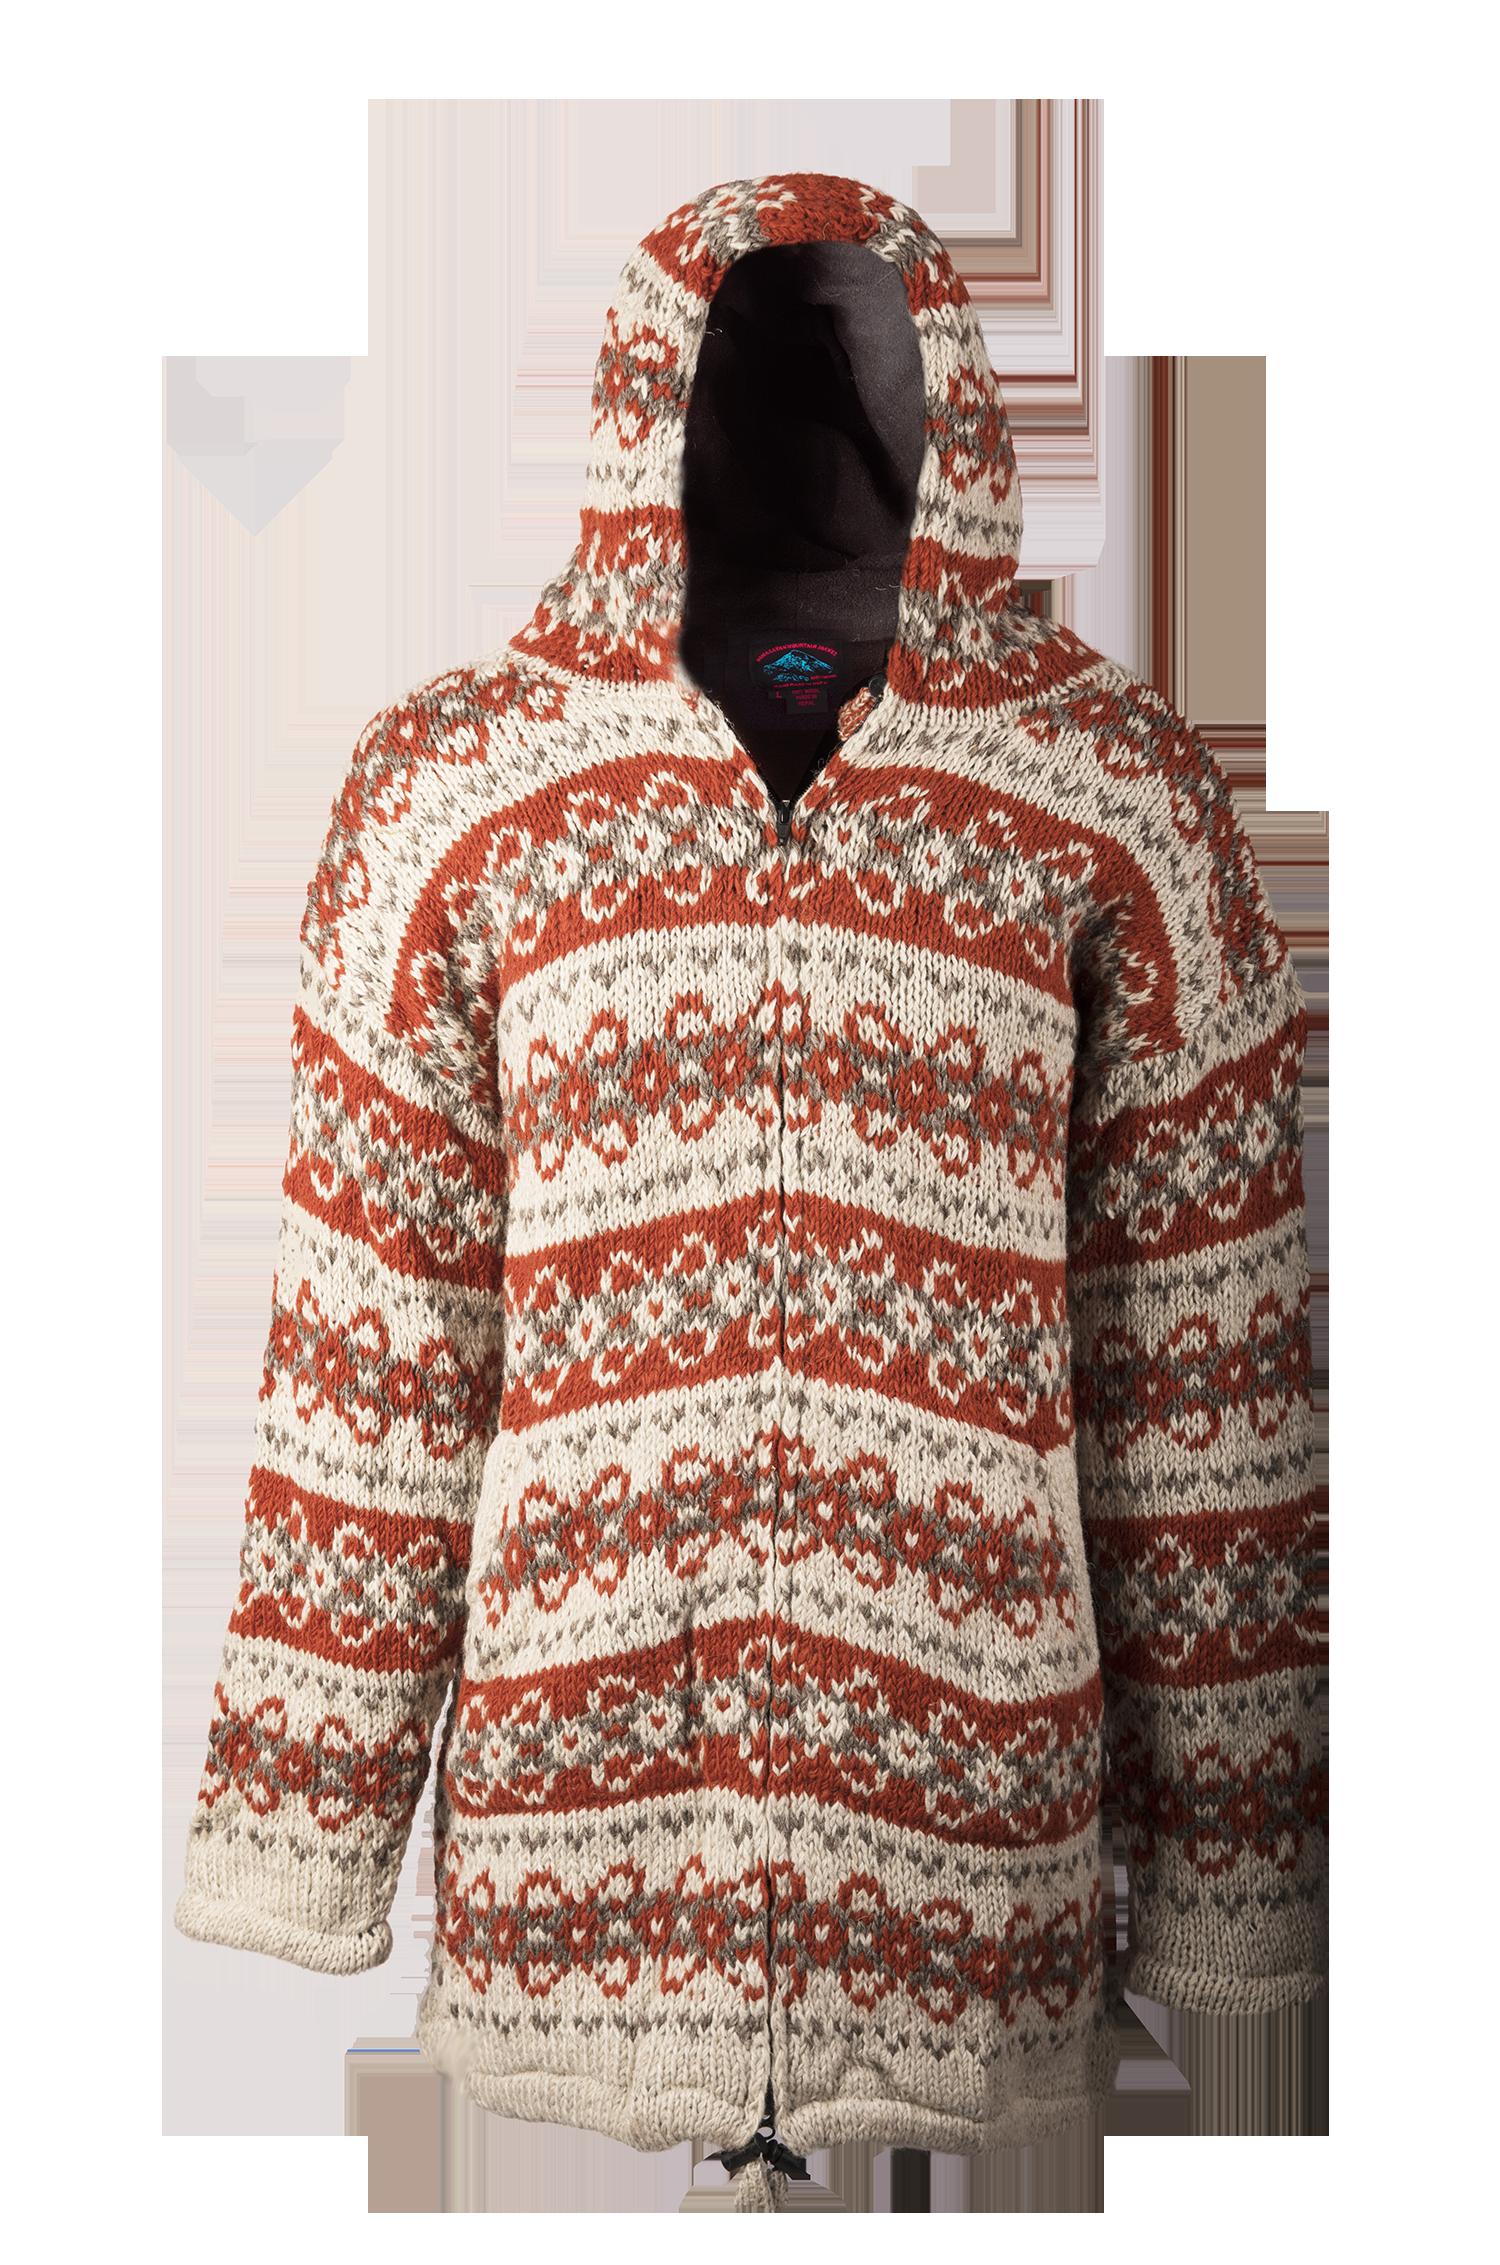 Himalayan Mountain Jacket Long Length Vintage Pattern, Orange